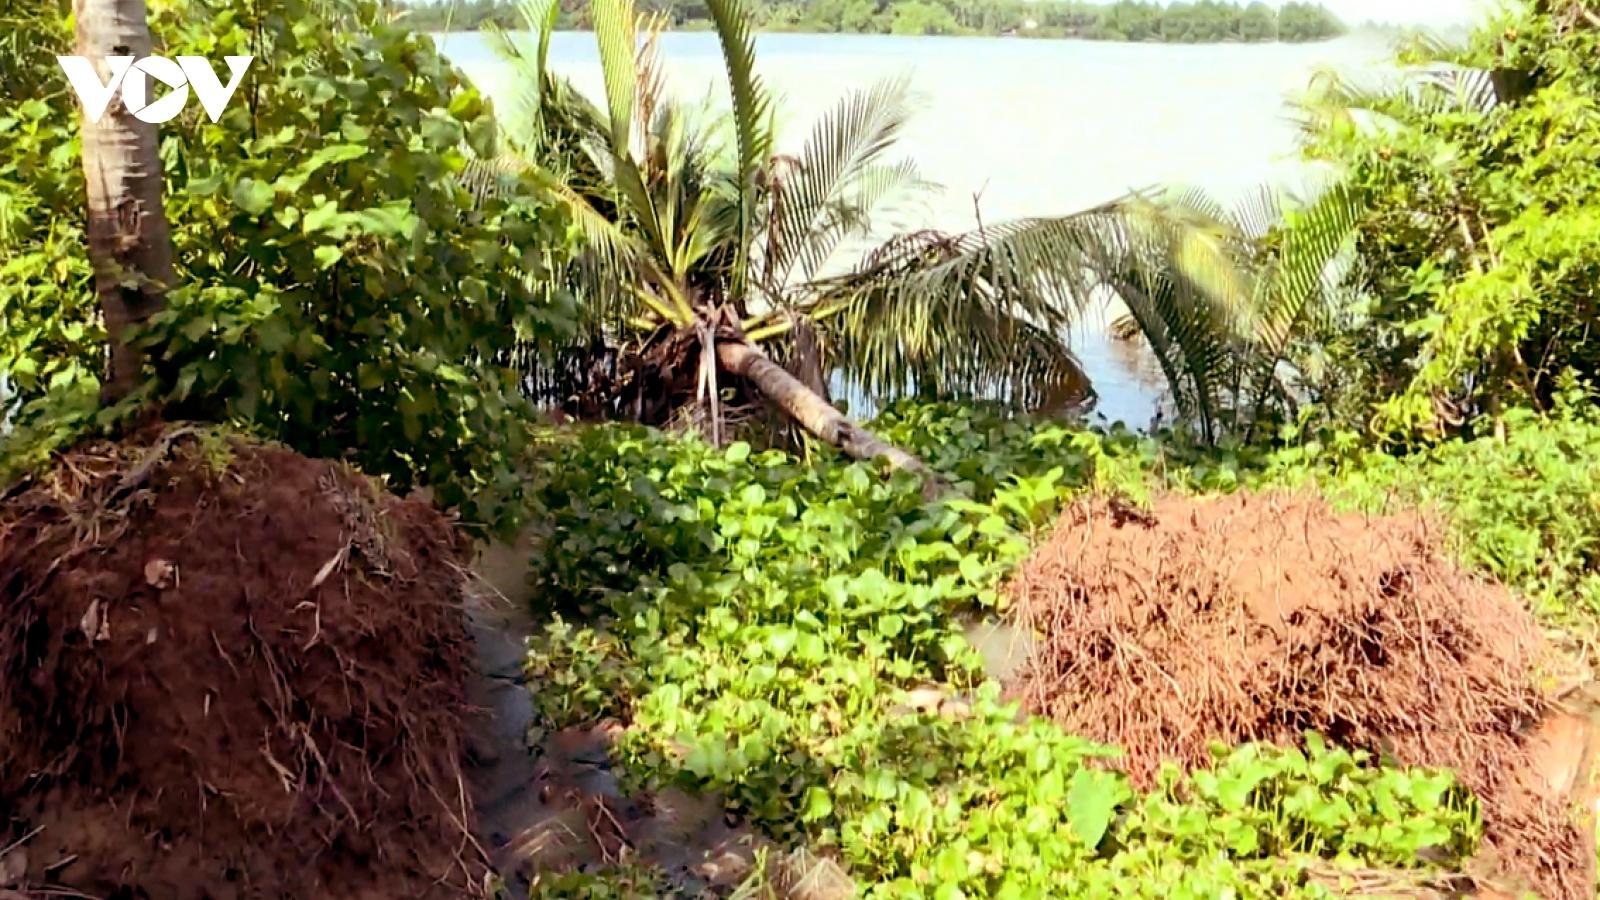 Sạt lở nghiêm trọng, hàng chục hộ dân sống trên Cồn Hồ (Trà Vinh) kêu cứu